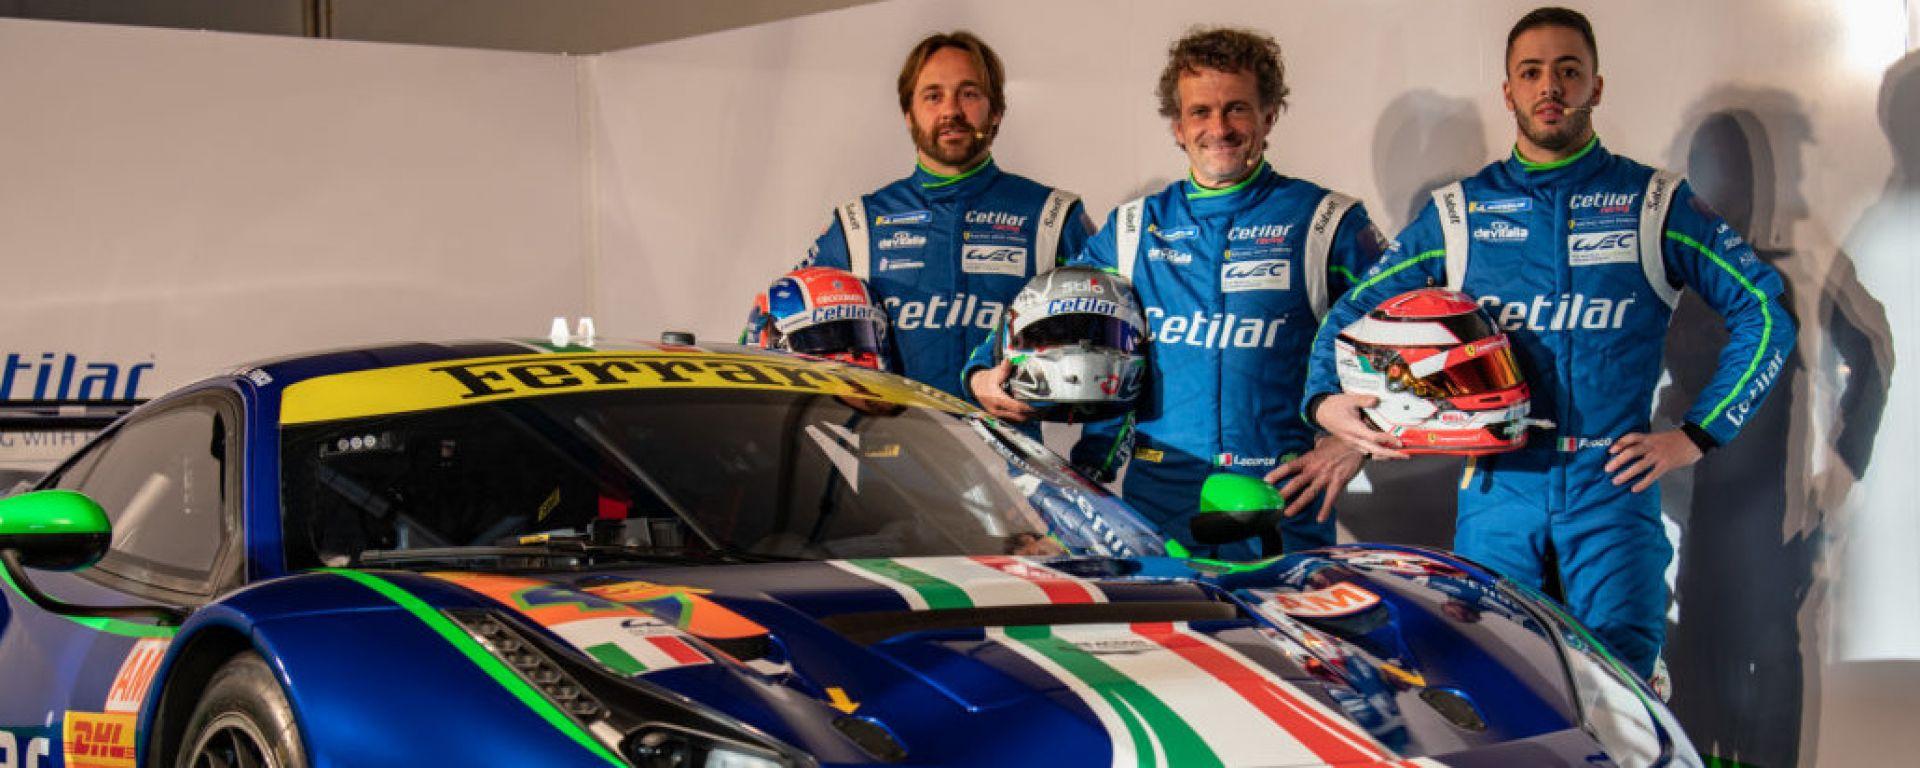 cetilar racing 2021